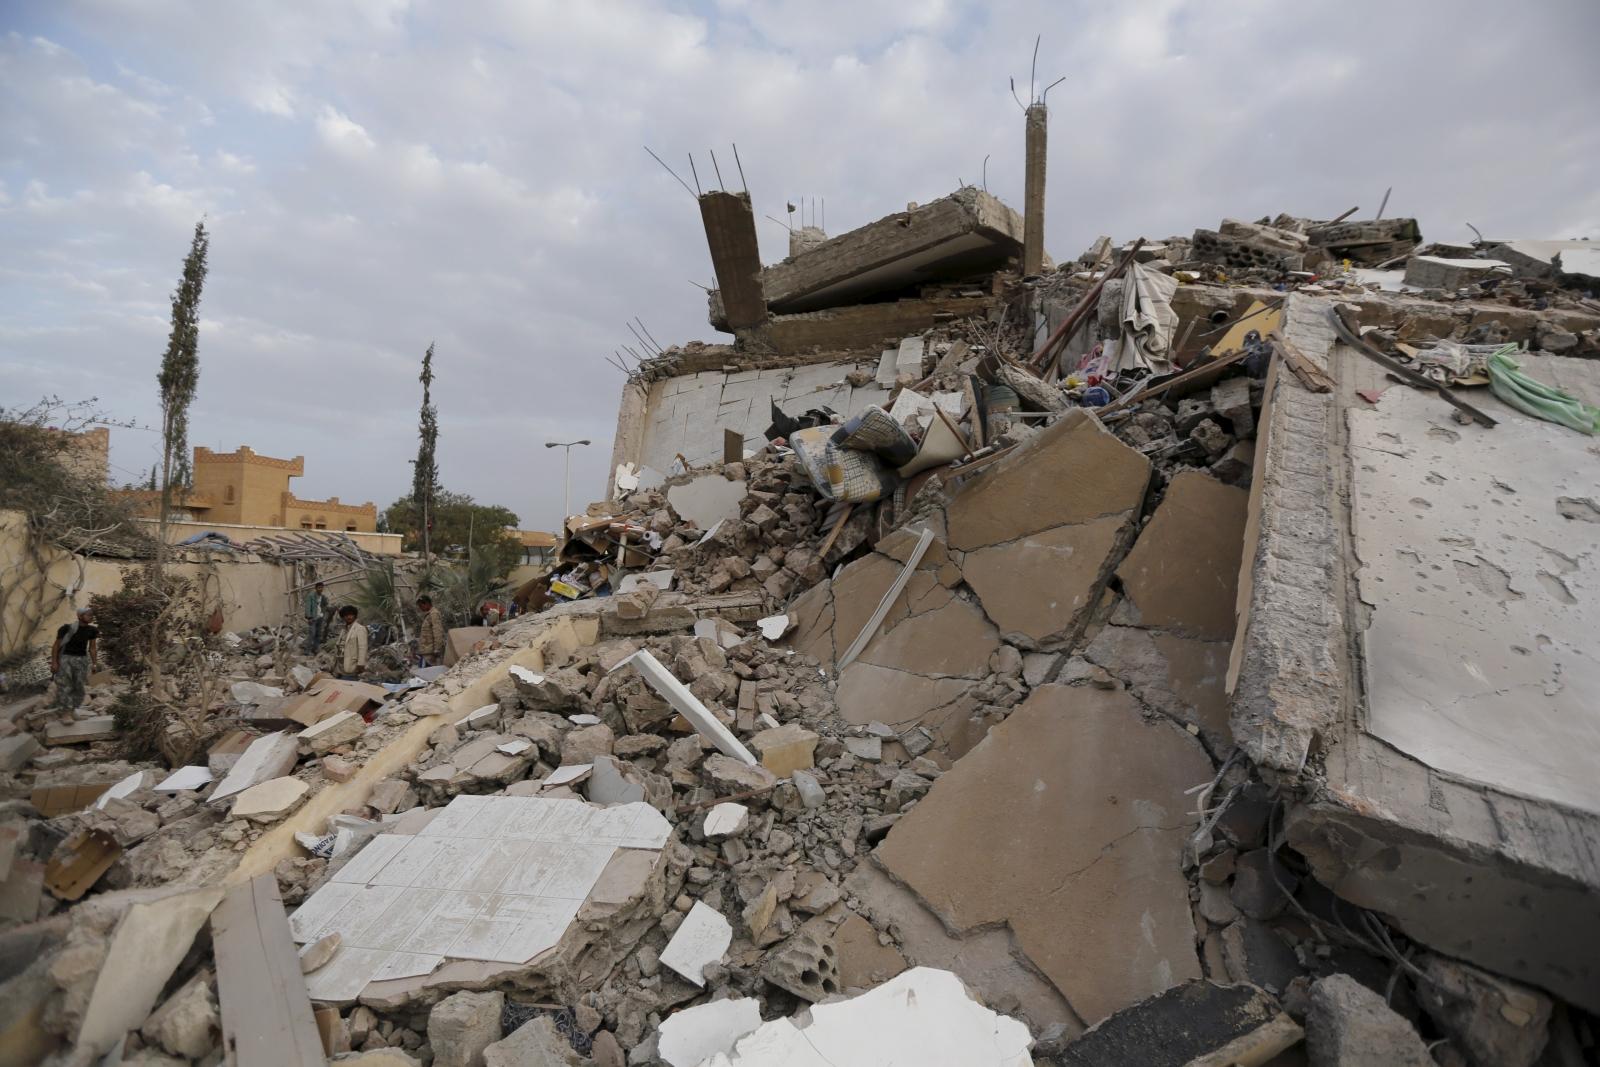 Saudi airstrikes in Yemen